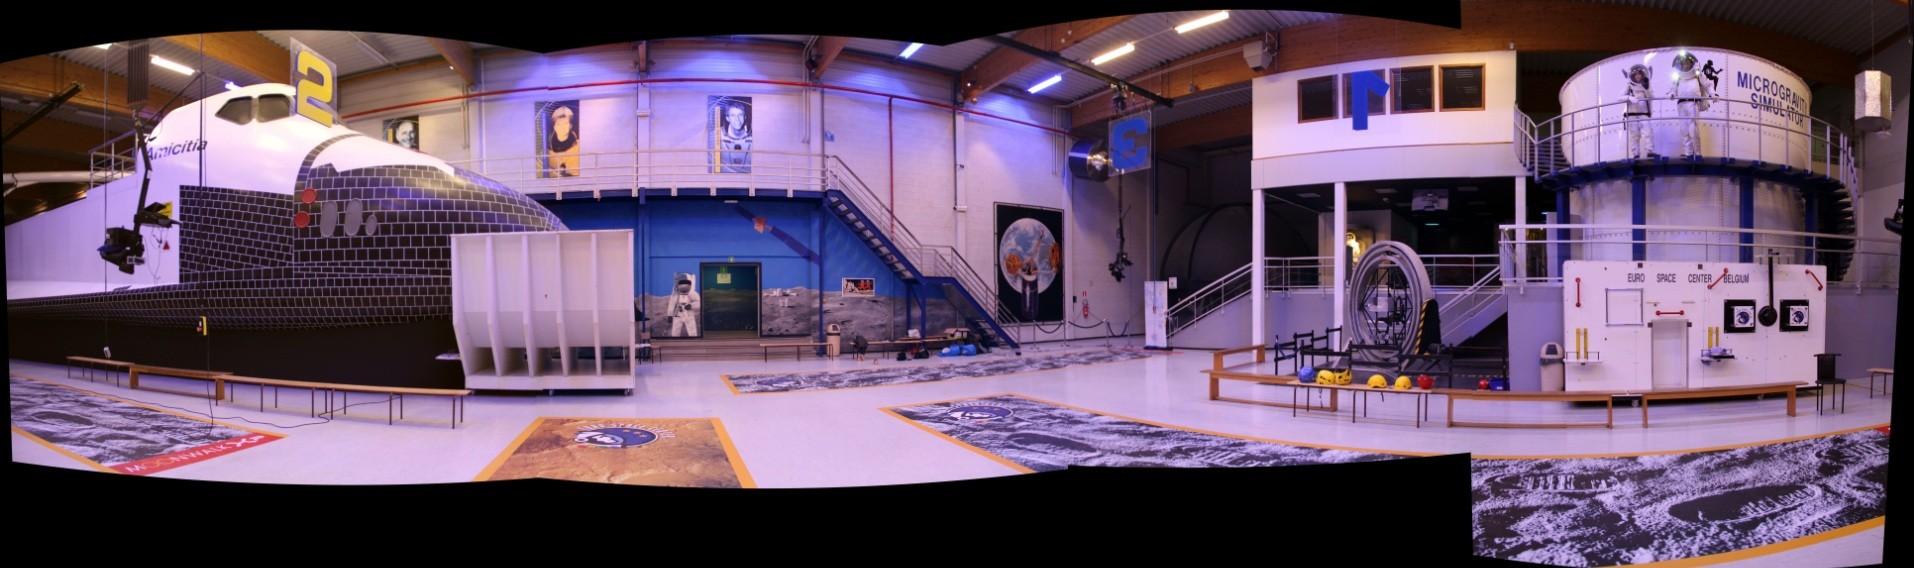 15 02 27 - 18h 12m 50s - Eurospace Center Giulia et Victor en scaphandre APM_stitch r